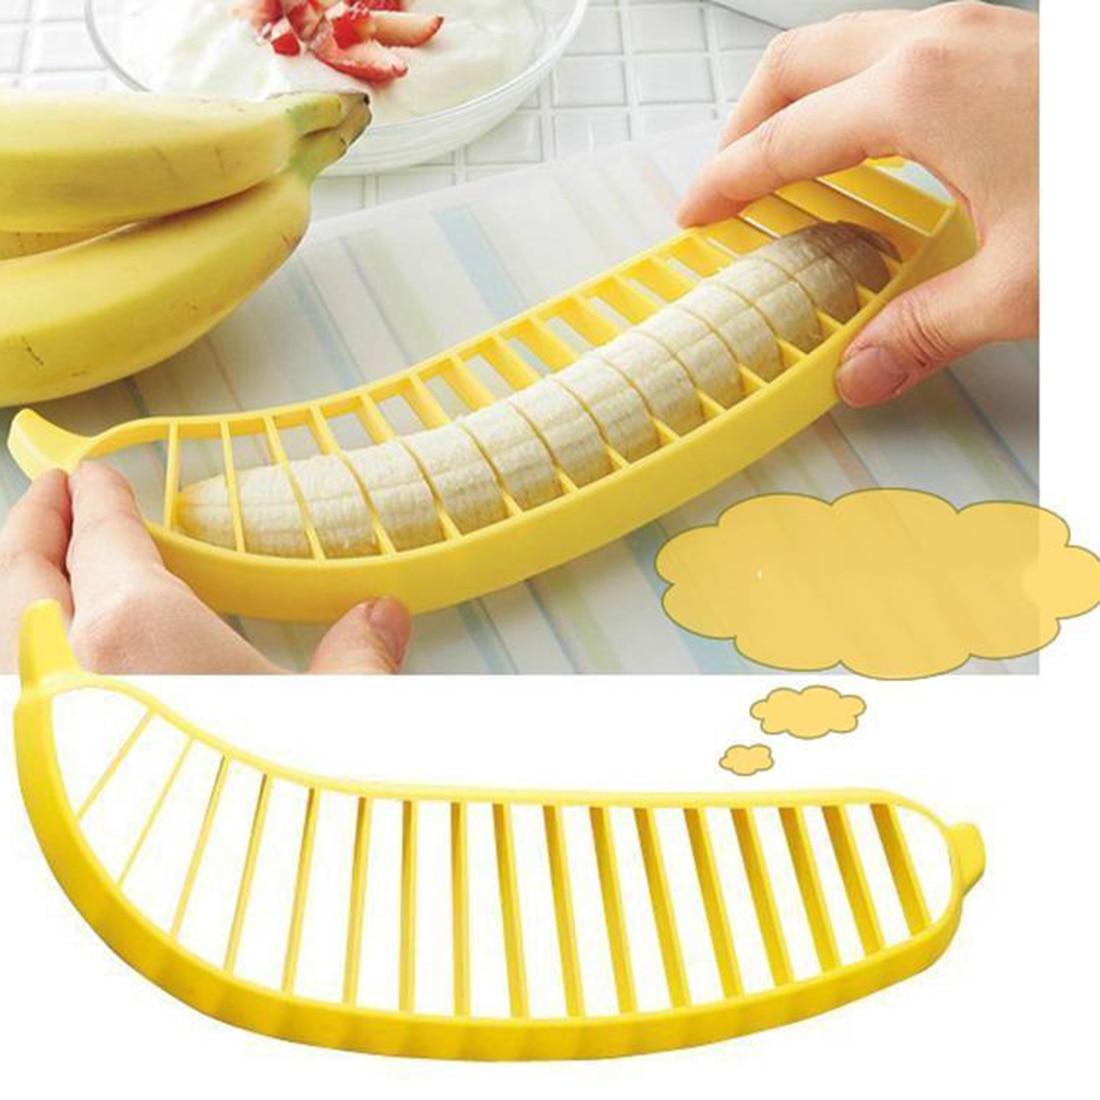 Útil 1 Unid Práctico Ensalada de Plátano Slicer Cortador Chopper Fruit Vegetable